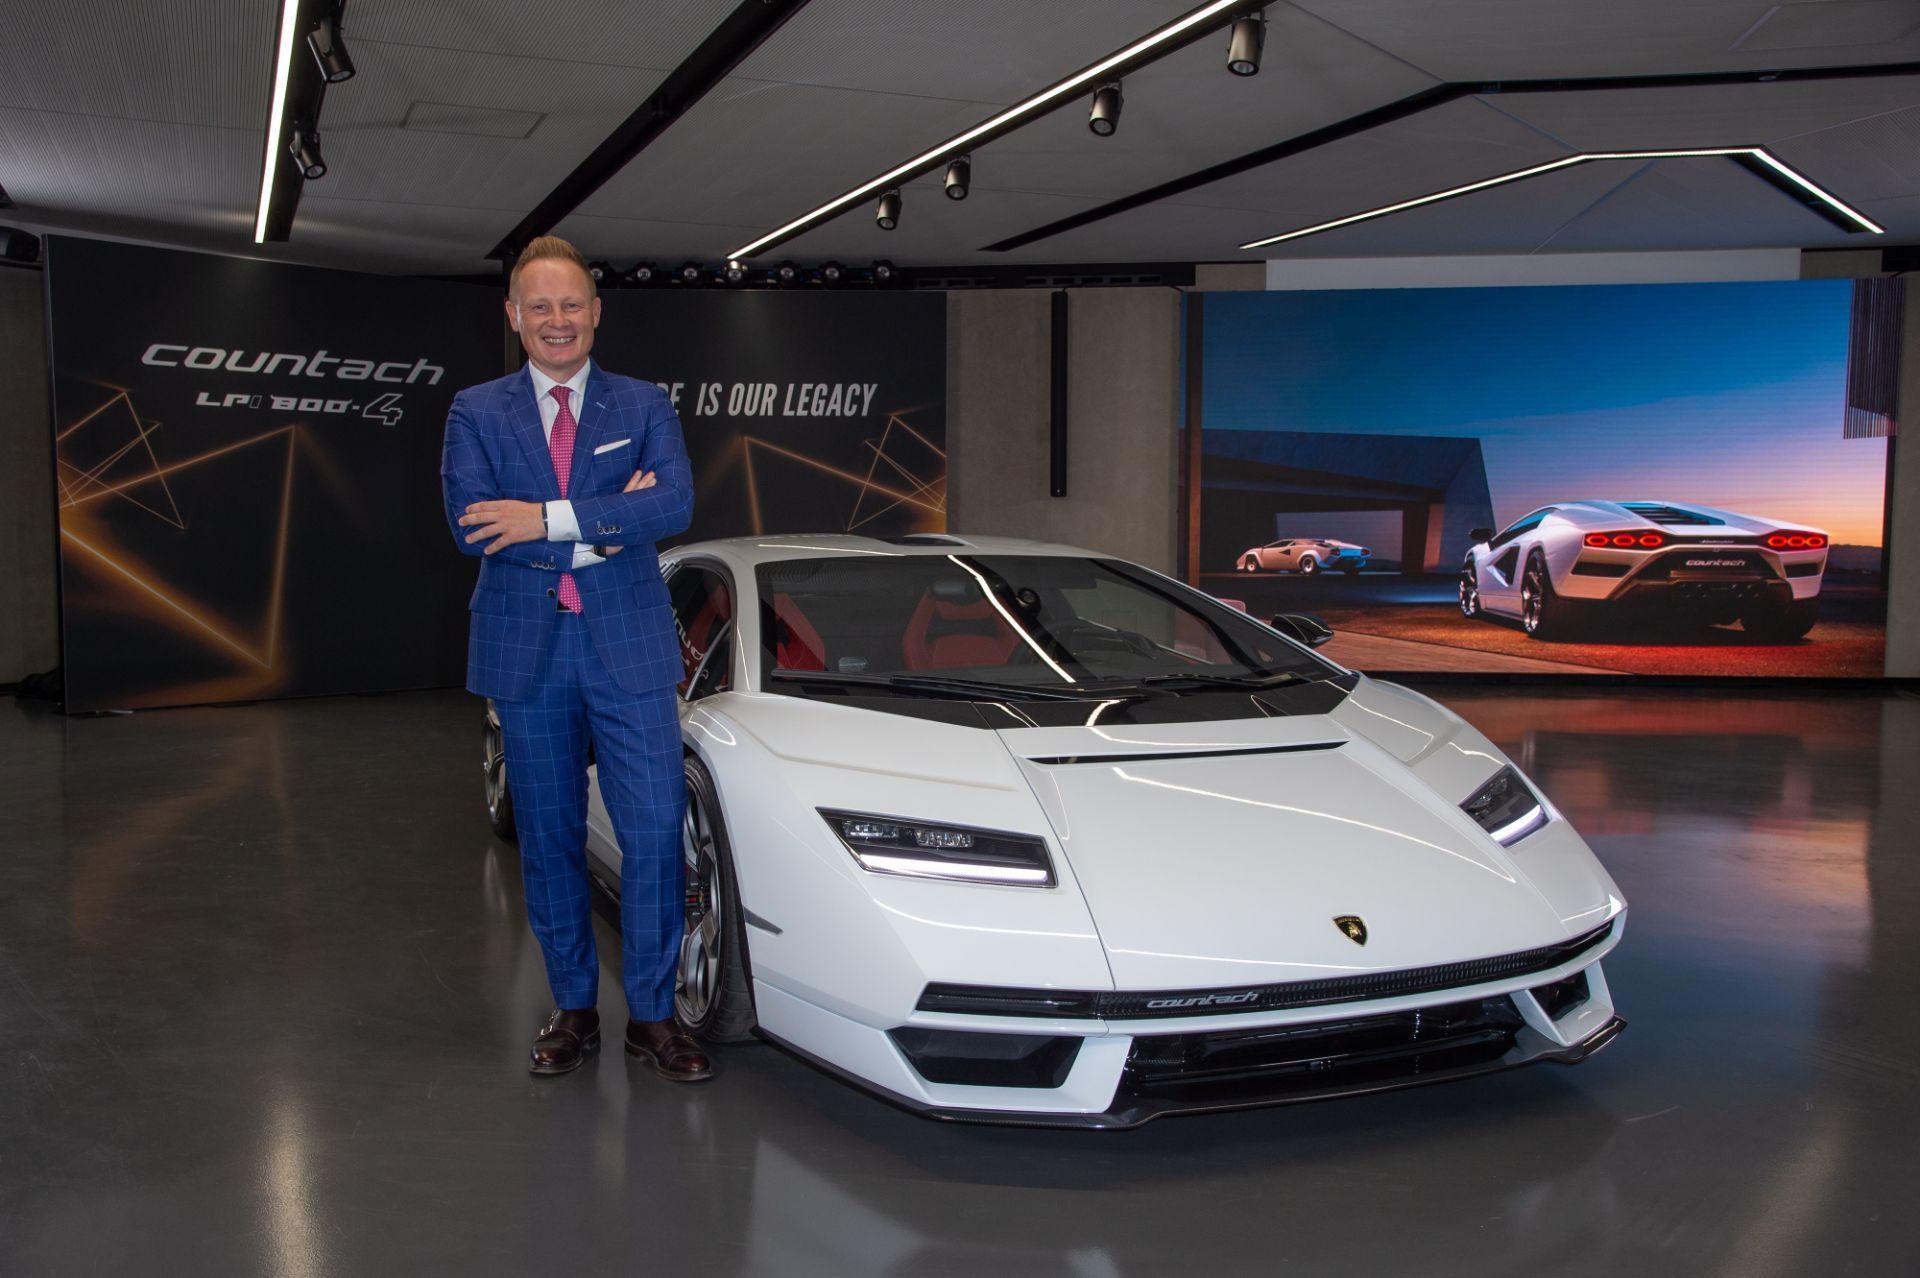 Lamborghini-Countach-LPI-800-4-22